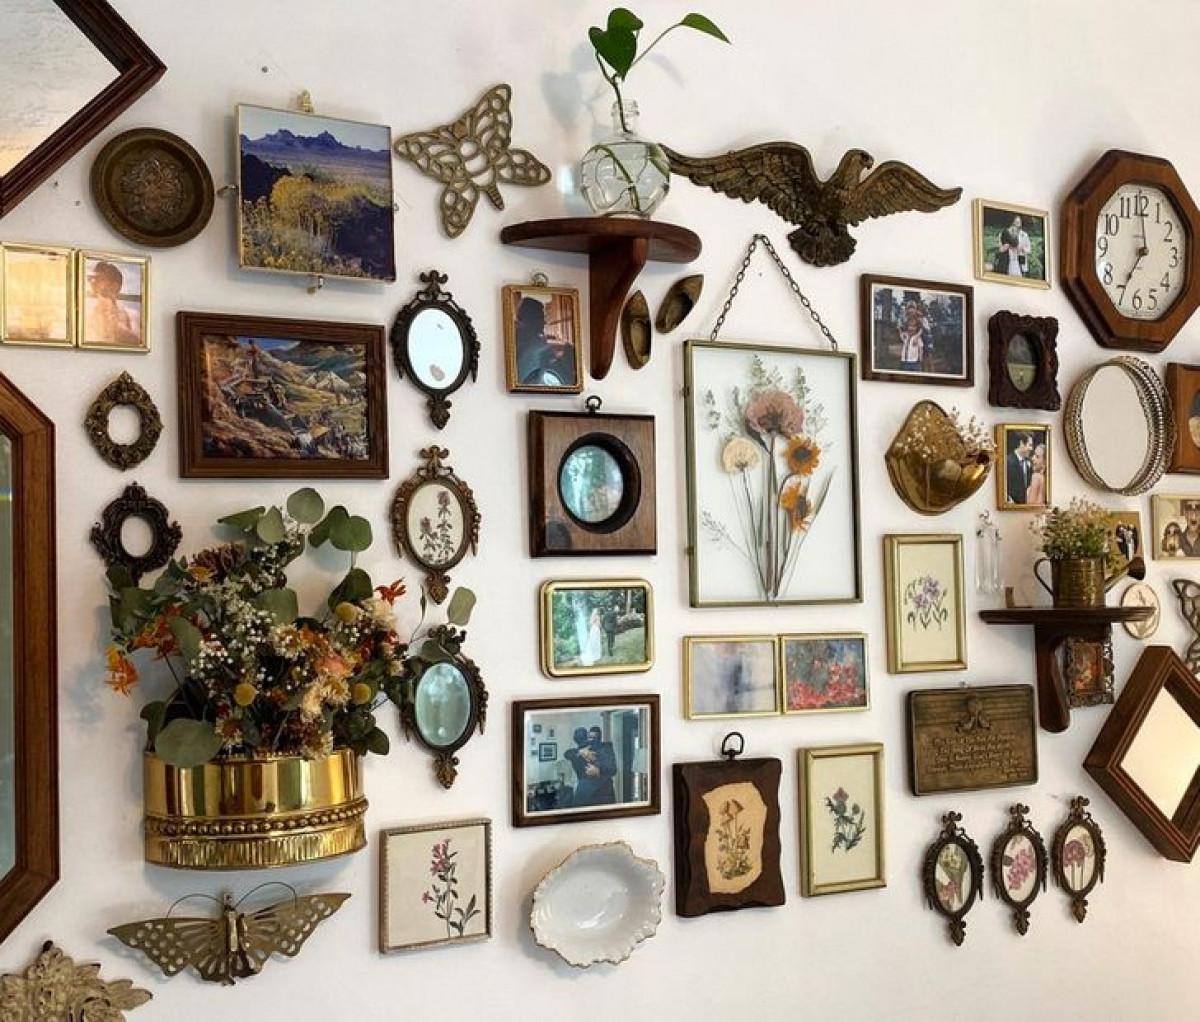 Bức tường trưng bày đầy tính nghệ Lò sưởi cũ từ năm 1960 đã được chúng tôi tân trangvới những món đồ cũ đã được sưu tầm khá lâu.